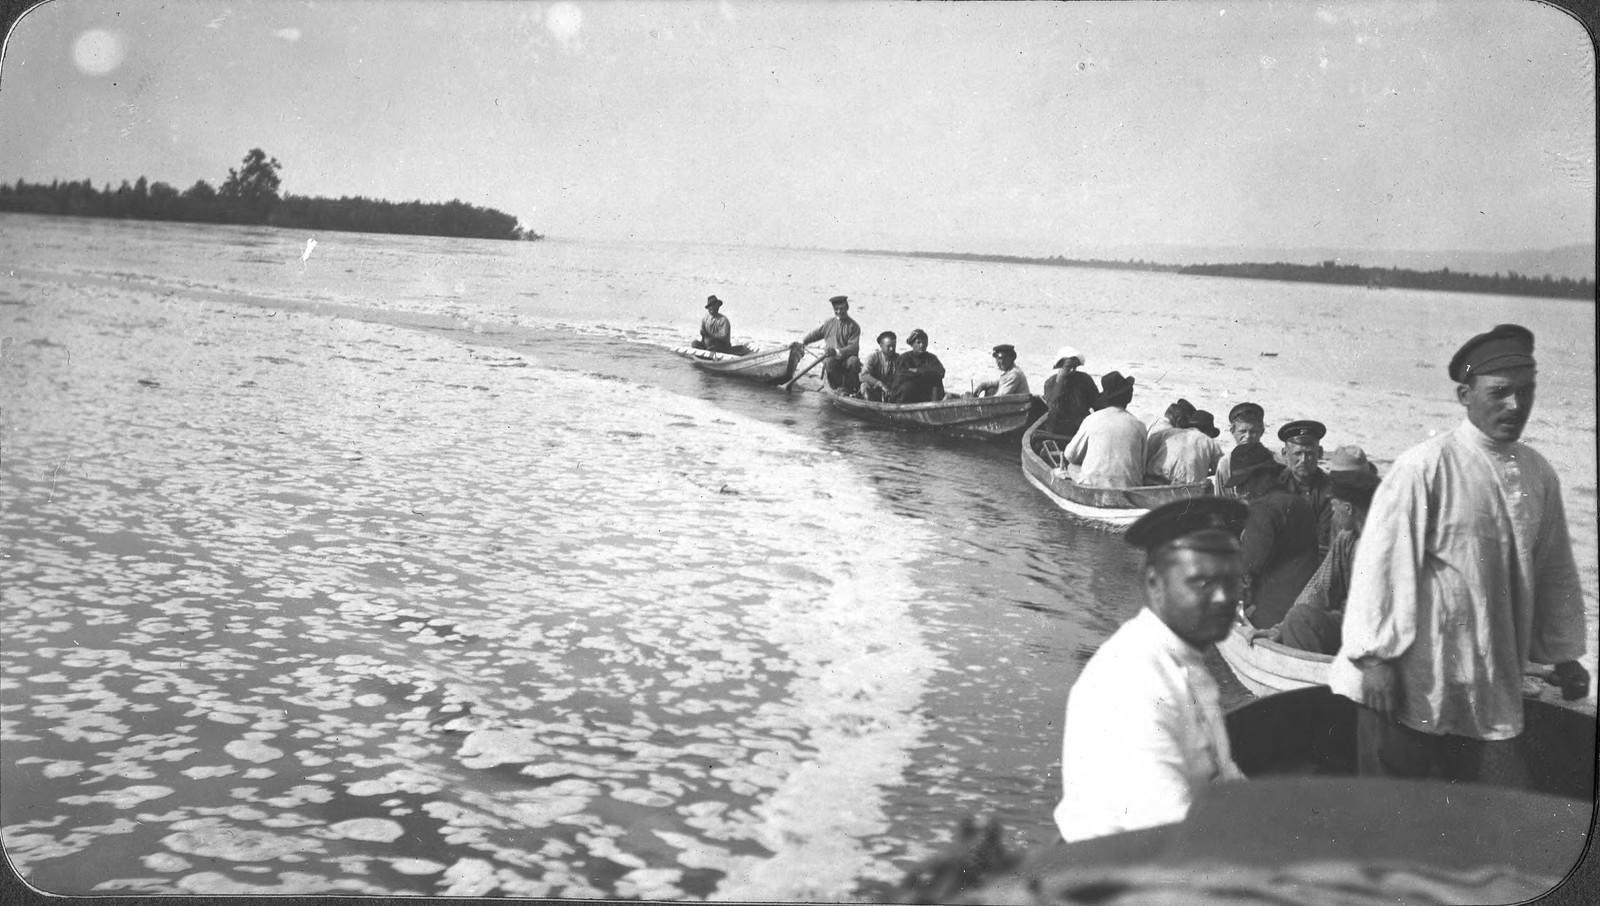 Караван лодок изыскательской партии на реке Зее во время паводка